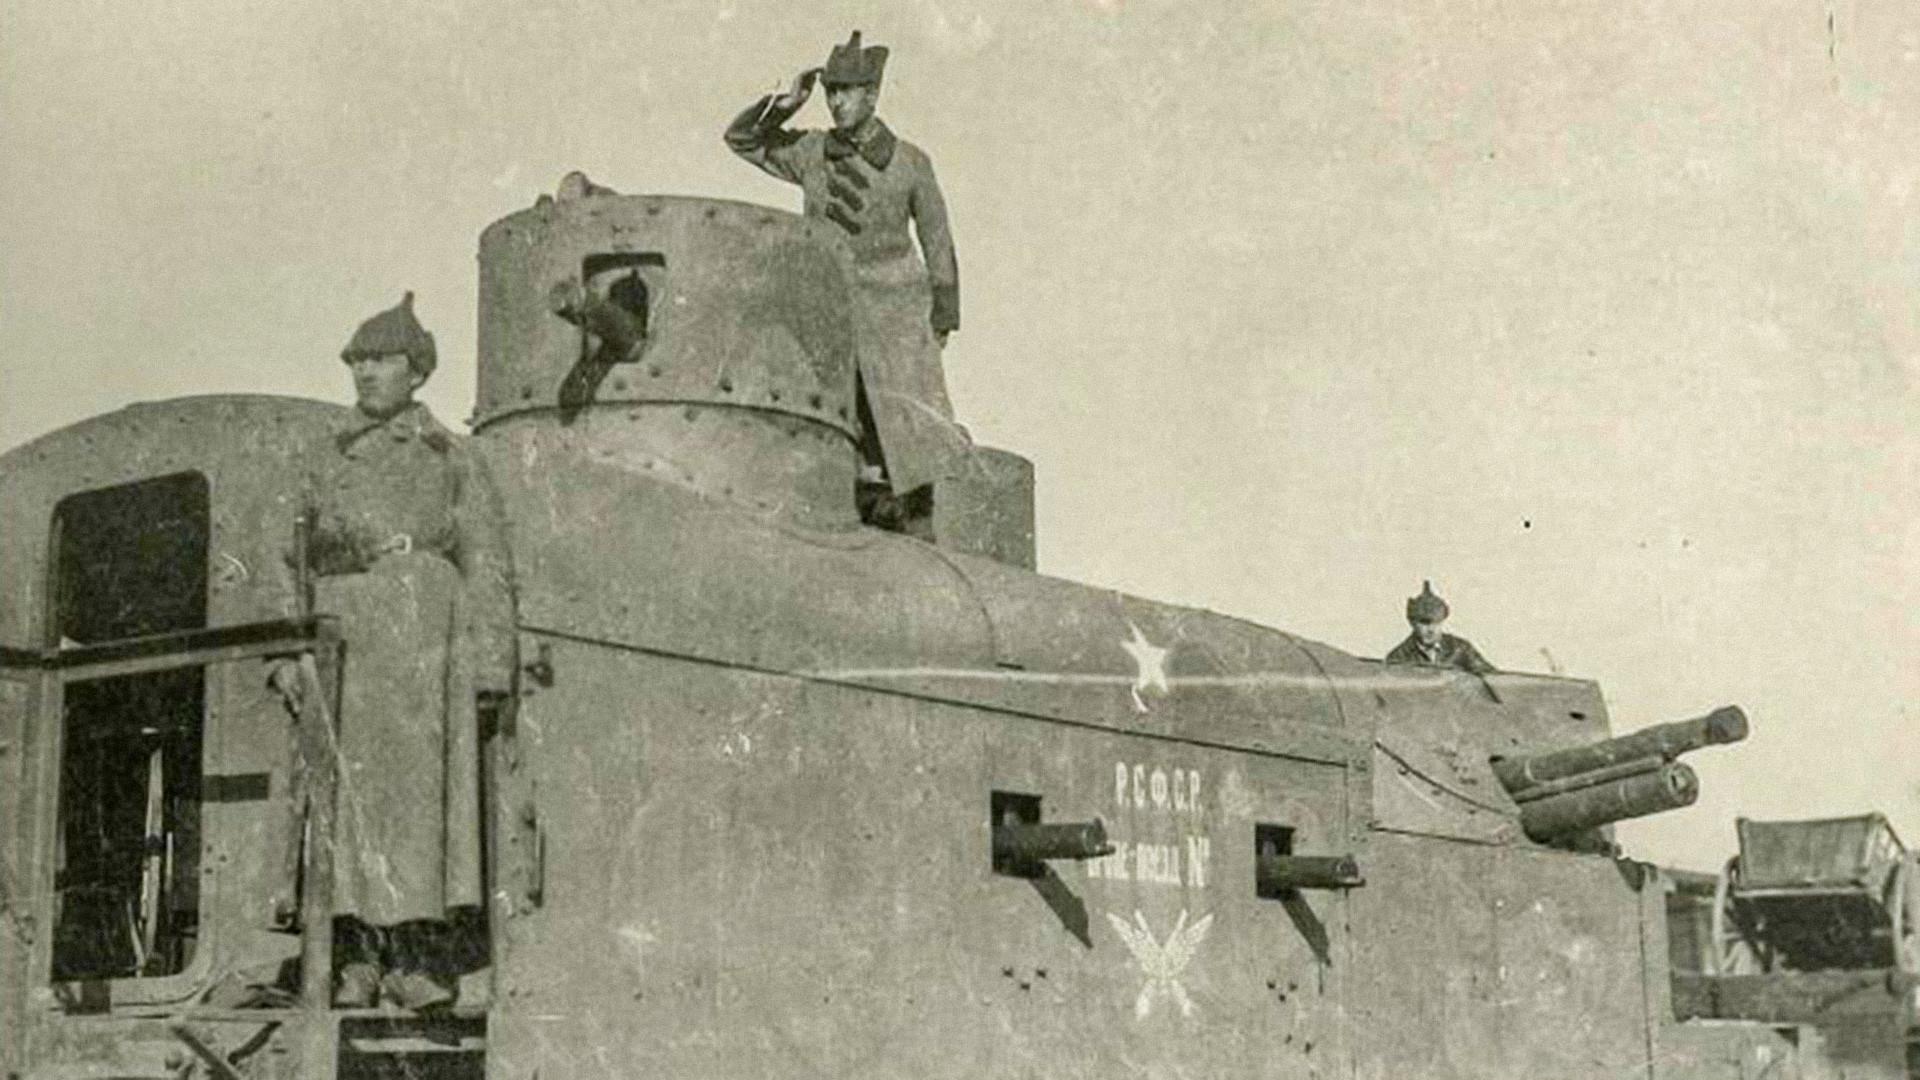 Ein Panzerzug in der südlichen Front der Roten Armee während des Bürgerkrieges in Russland